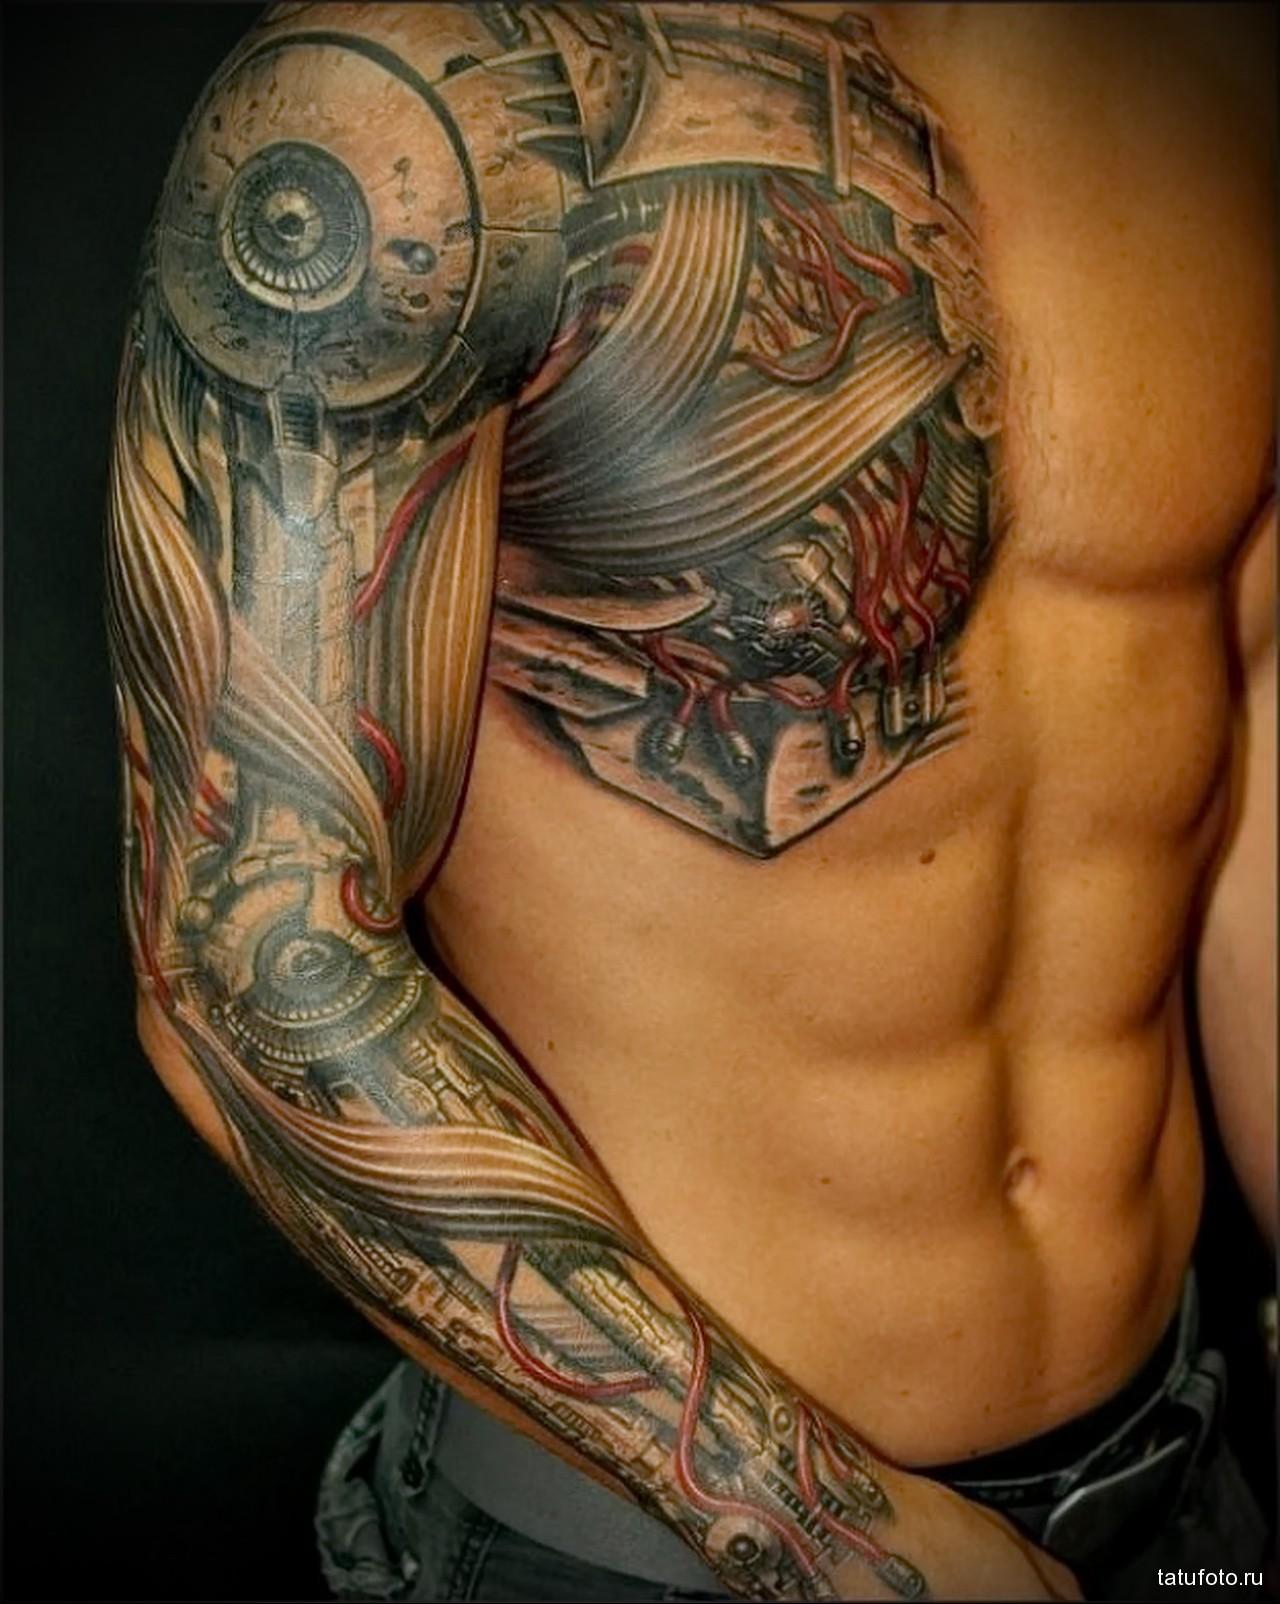 реалистичная биомеханическая тату - мужская татуировка на плече